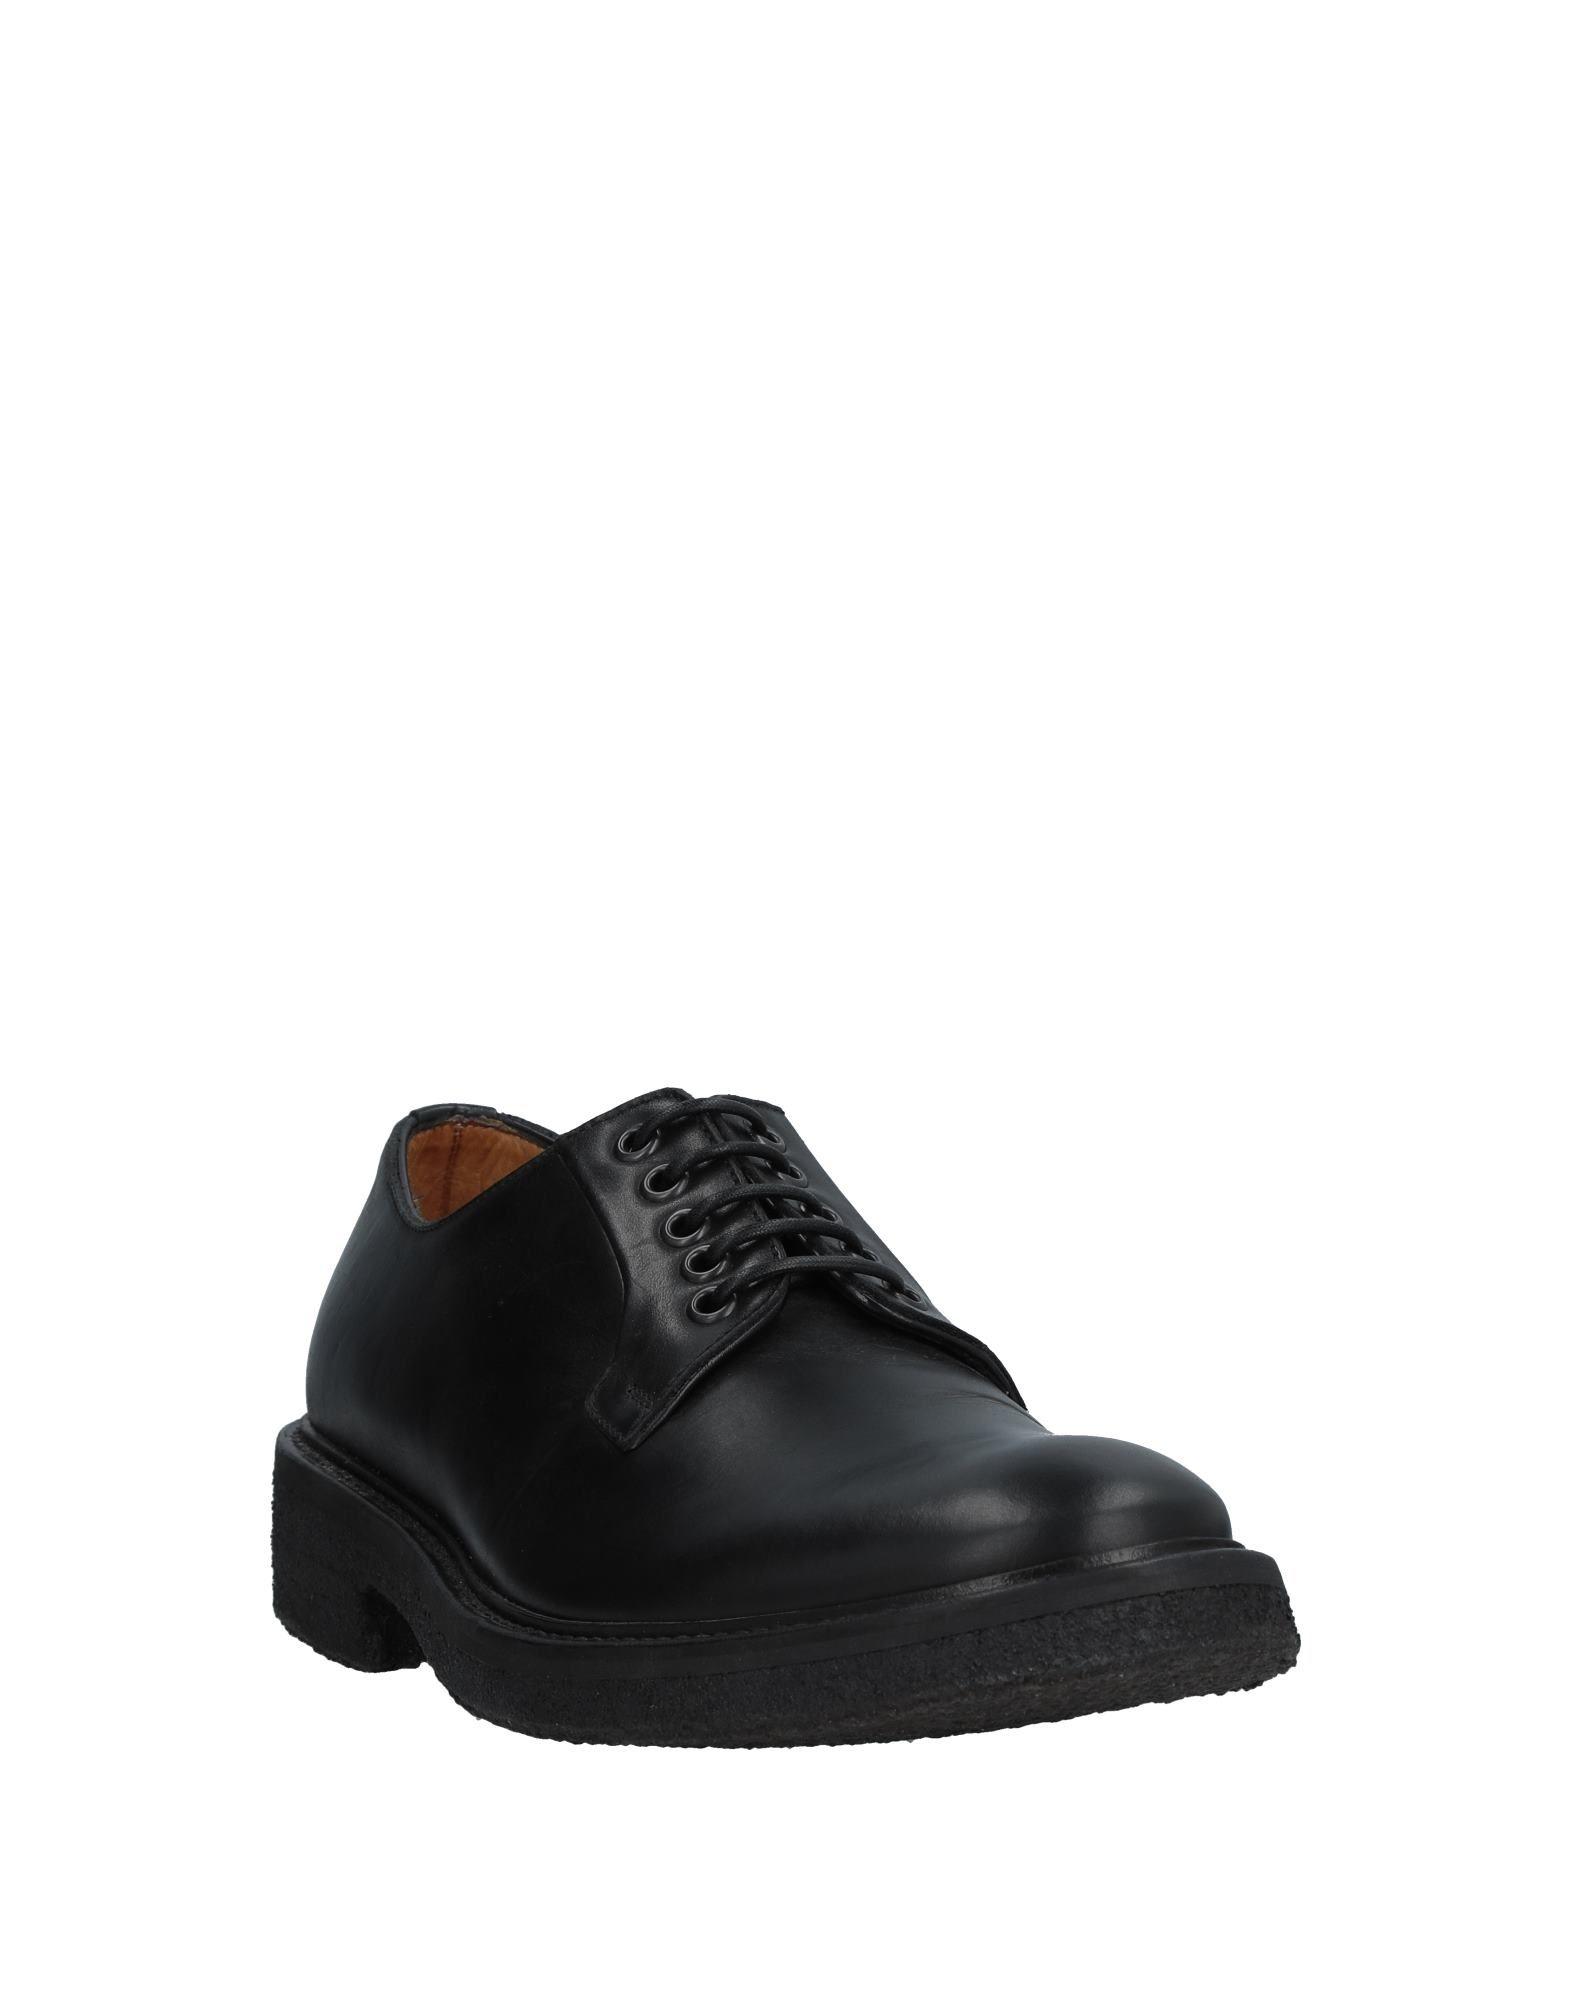 ... Rabatt echte Schnürschuhe Schuhe Seboy s Schnürschuhe echte Herren  11536355OO e230ff ... 704ca06f6a